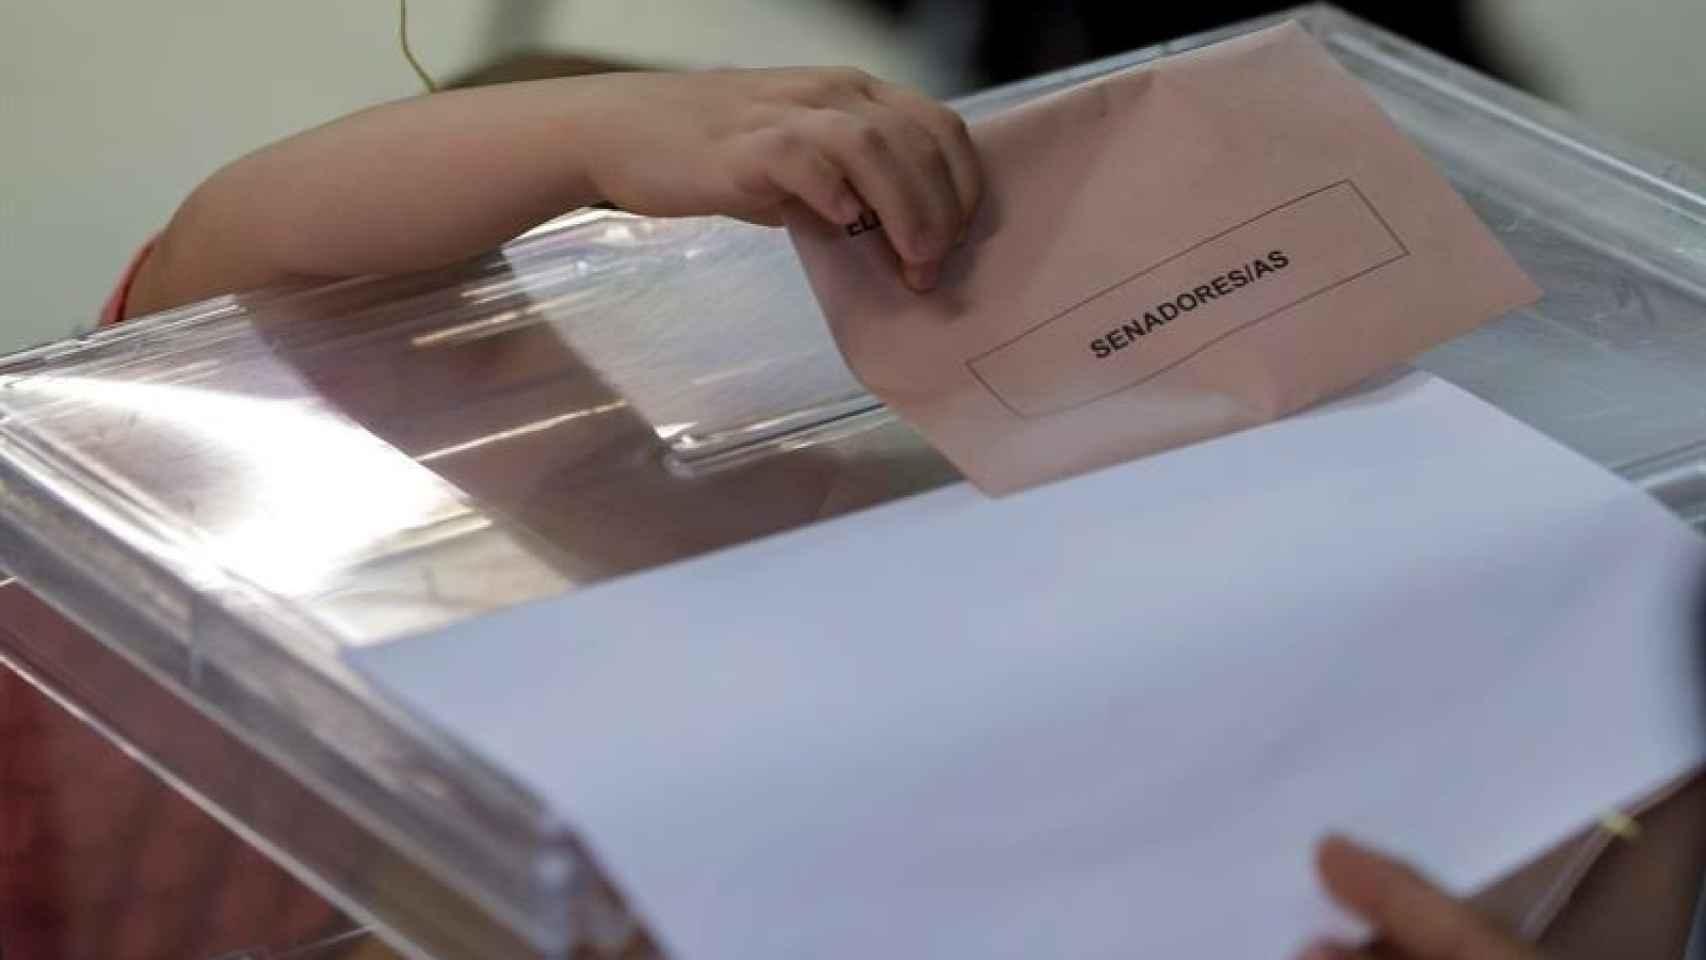 Votaciones el 26-J/Julio Muñoz/EFE